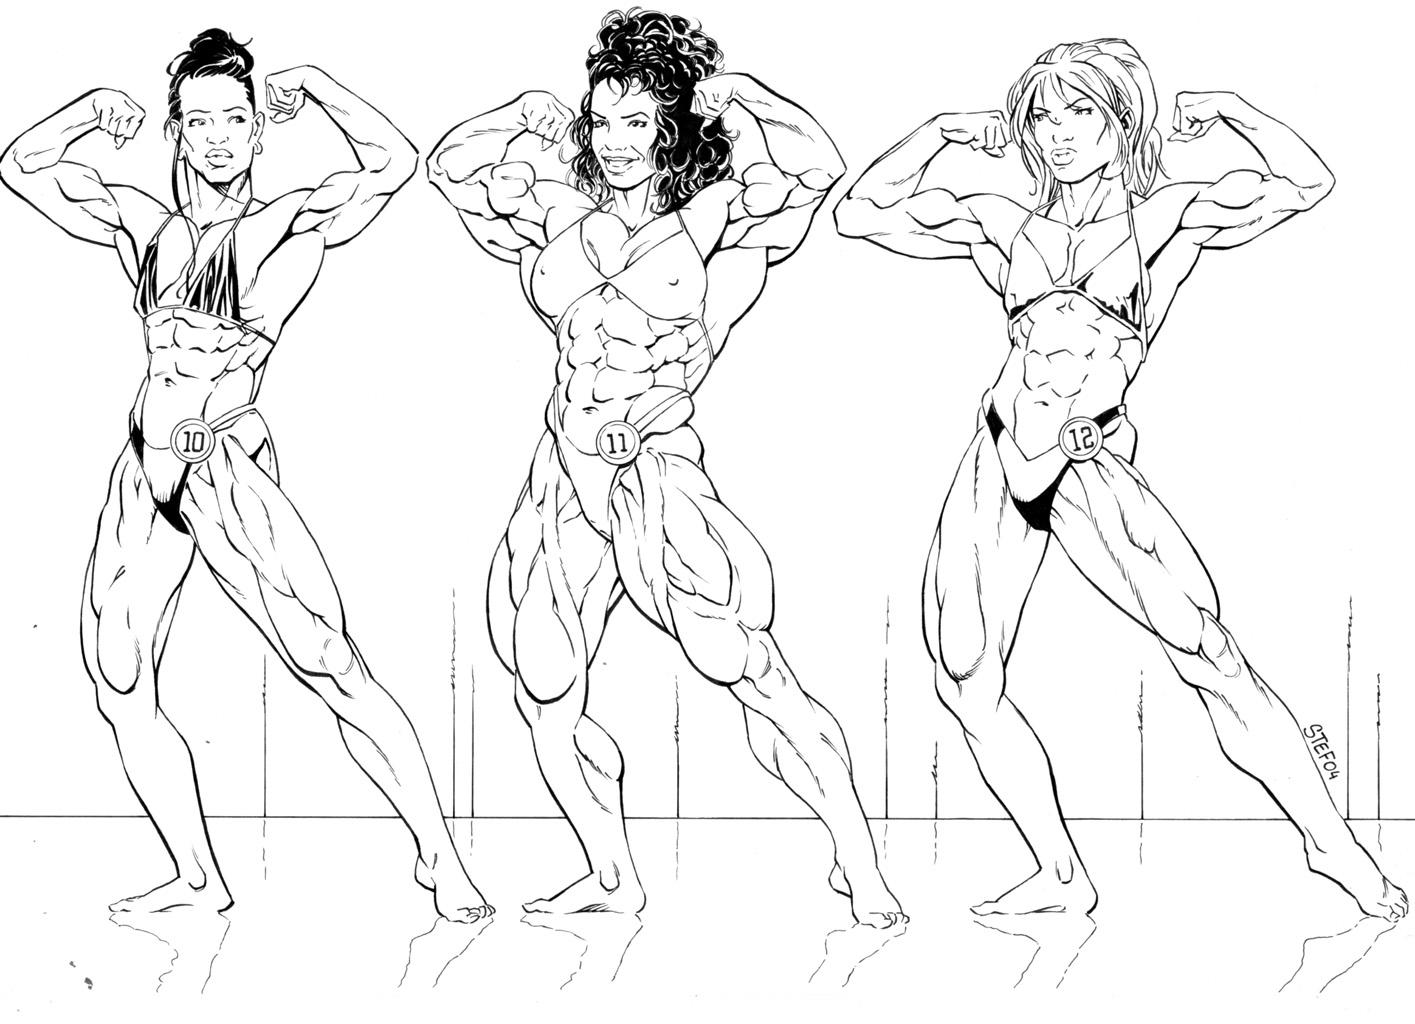 Drawn women muscular Draw Pinterest Search Google Search